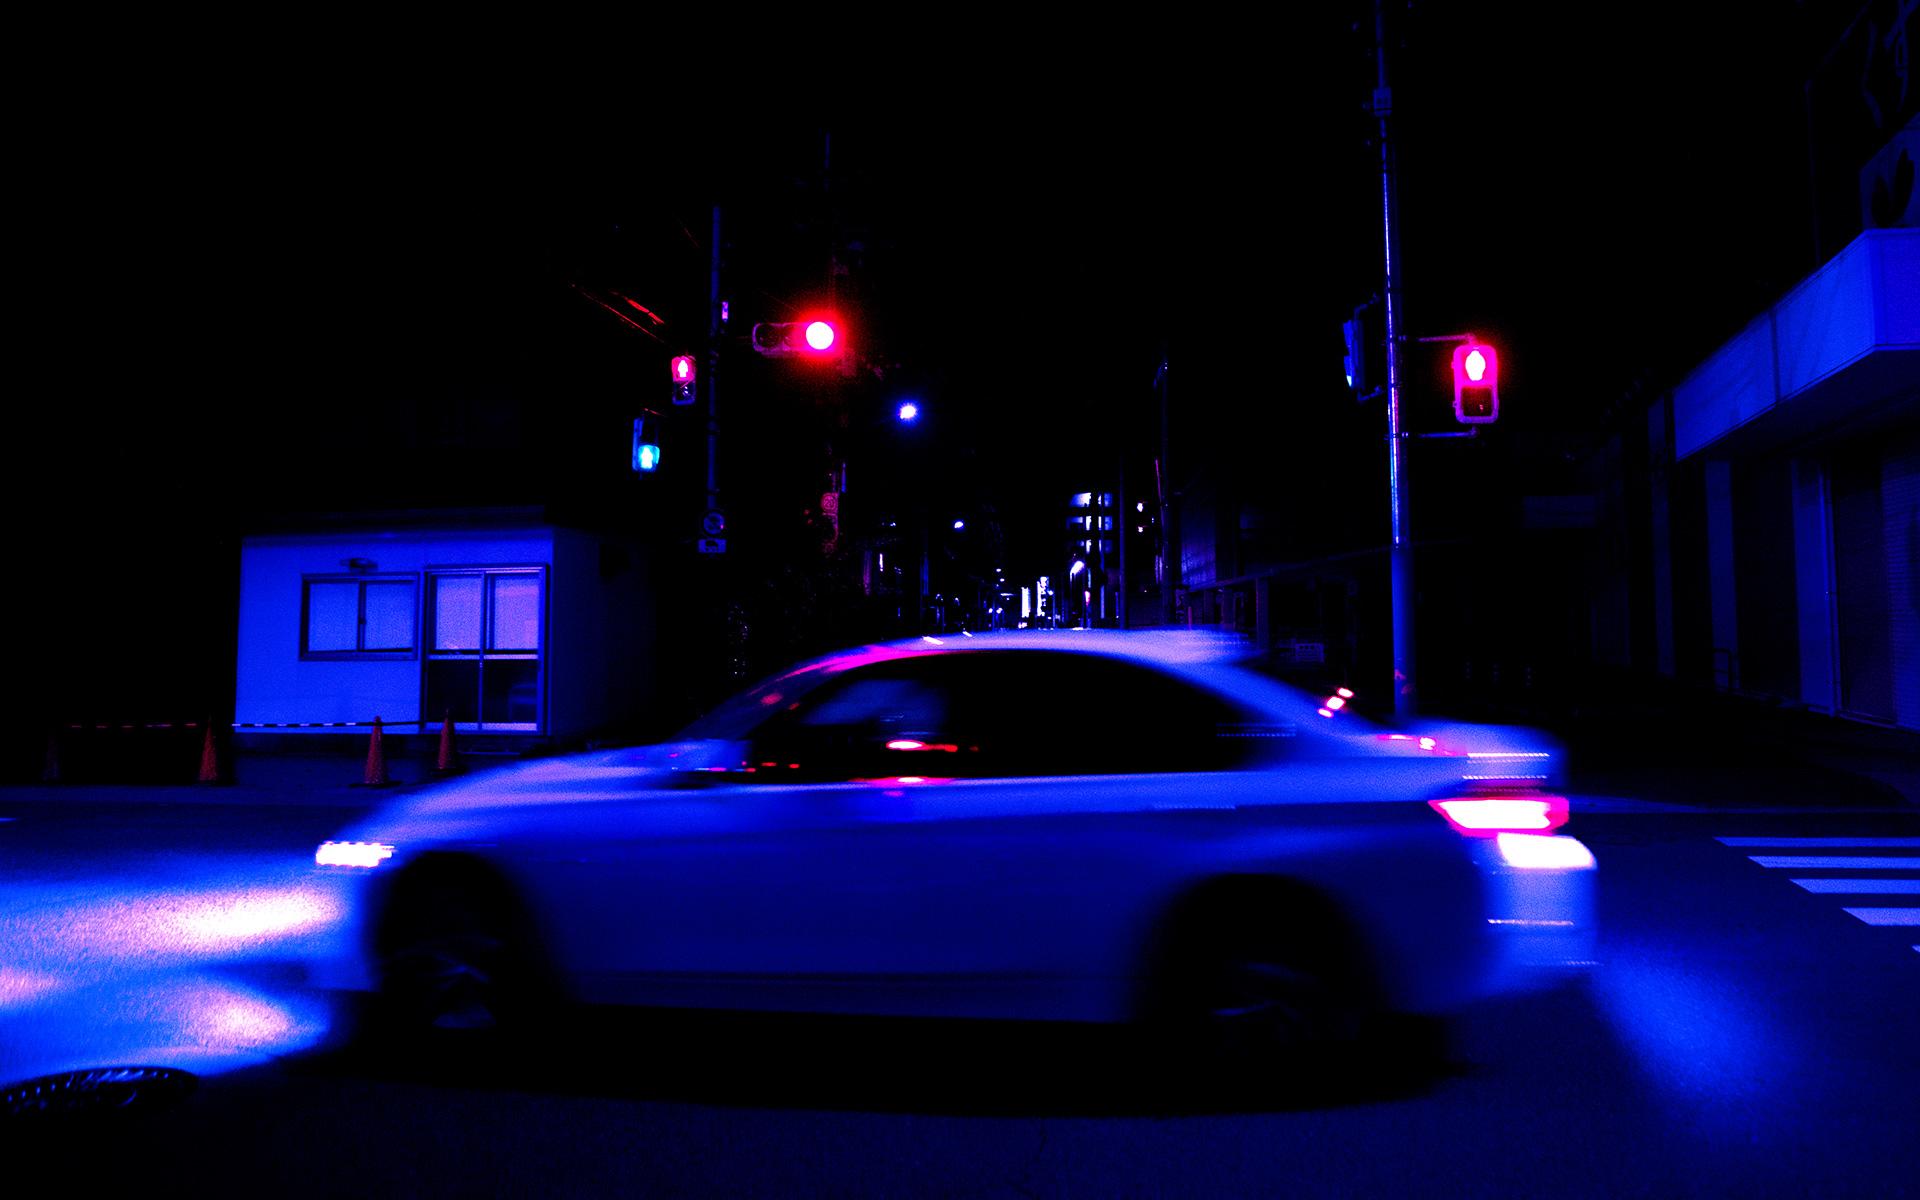 【シリーズ・都市伝説】恐怖のドライブ「白いソアラ」